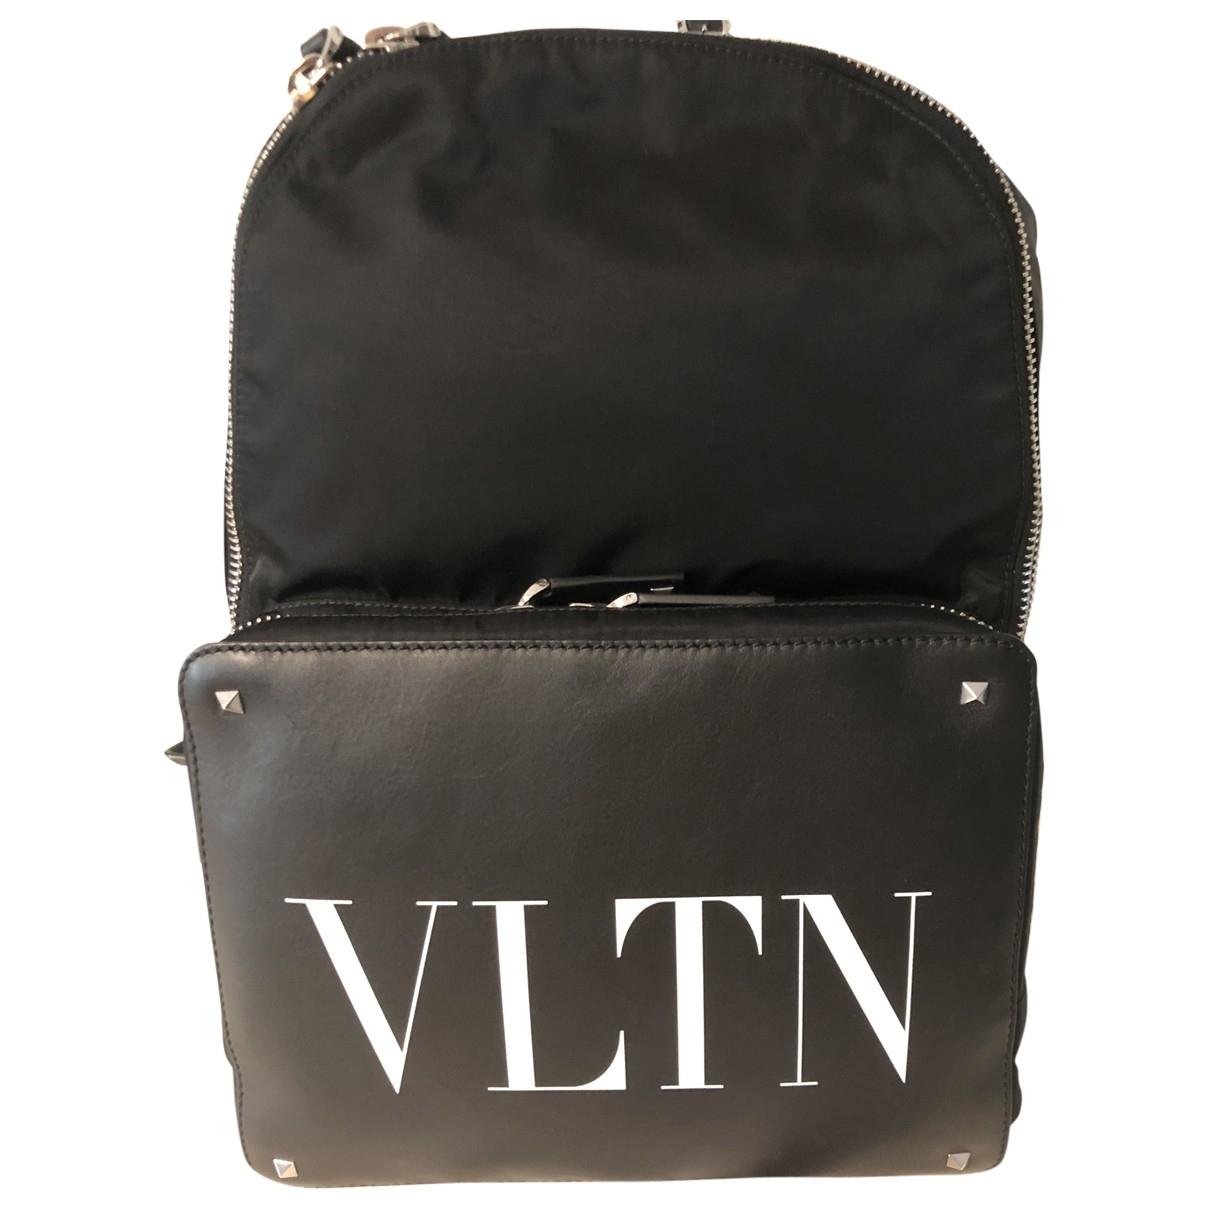 Valentino Garavani - Sac   pour homme en toile - noir